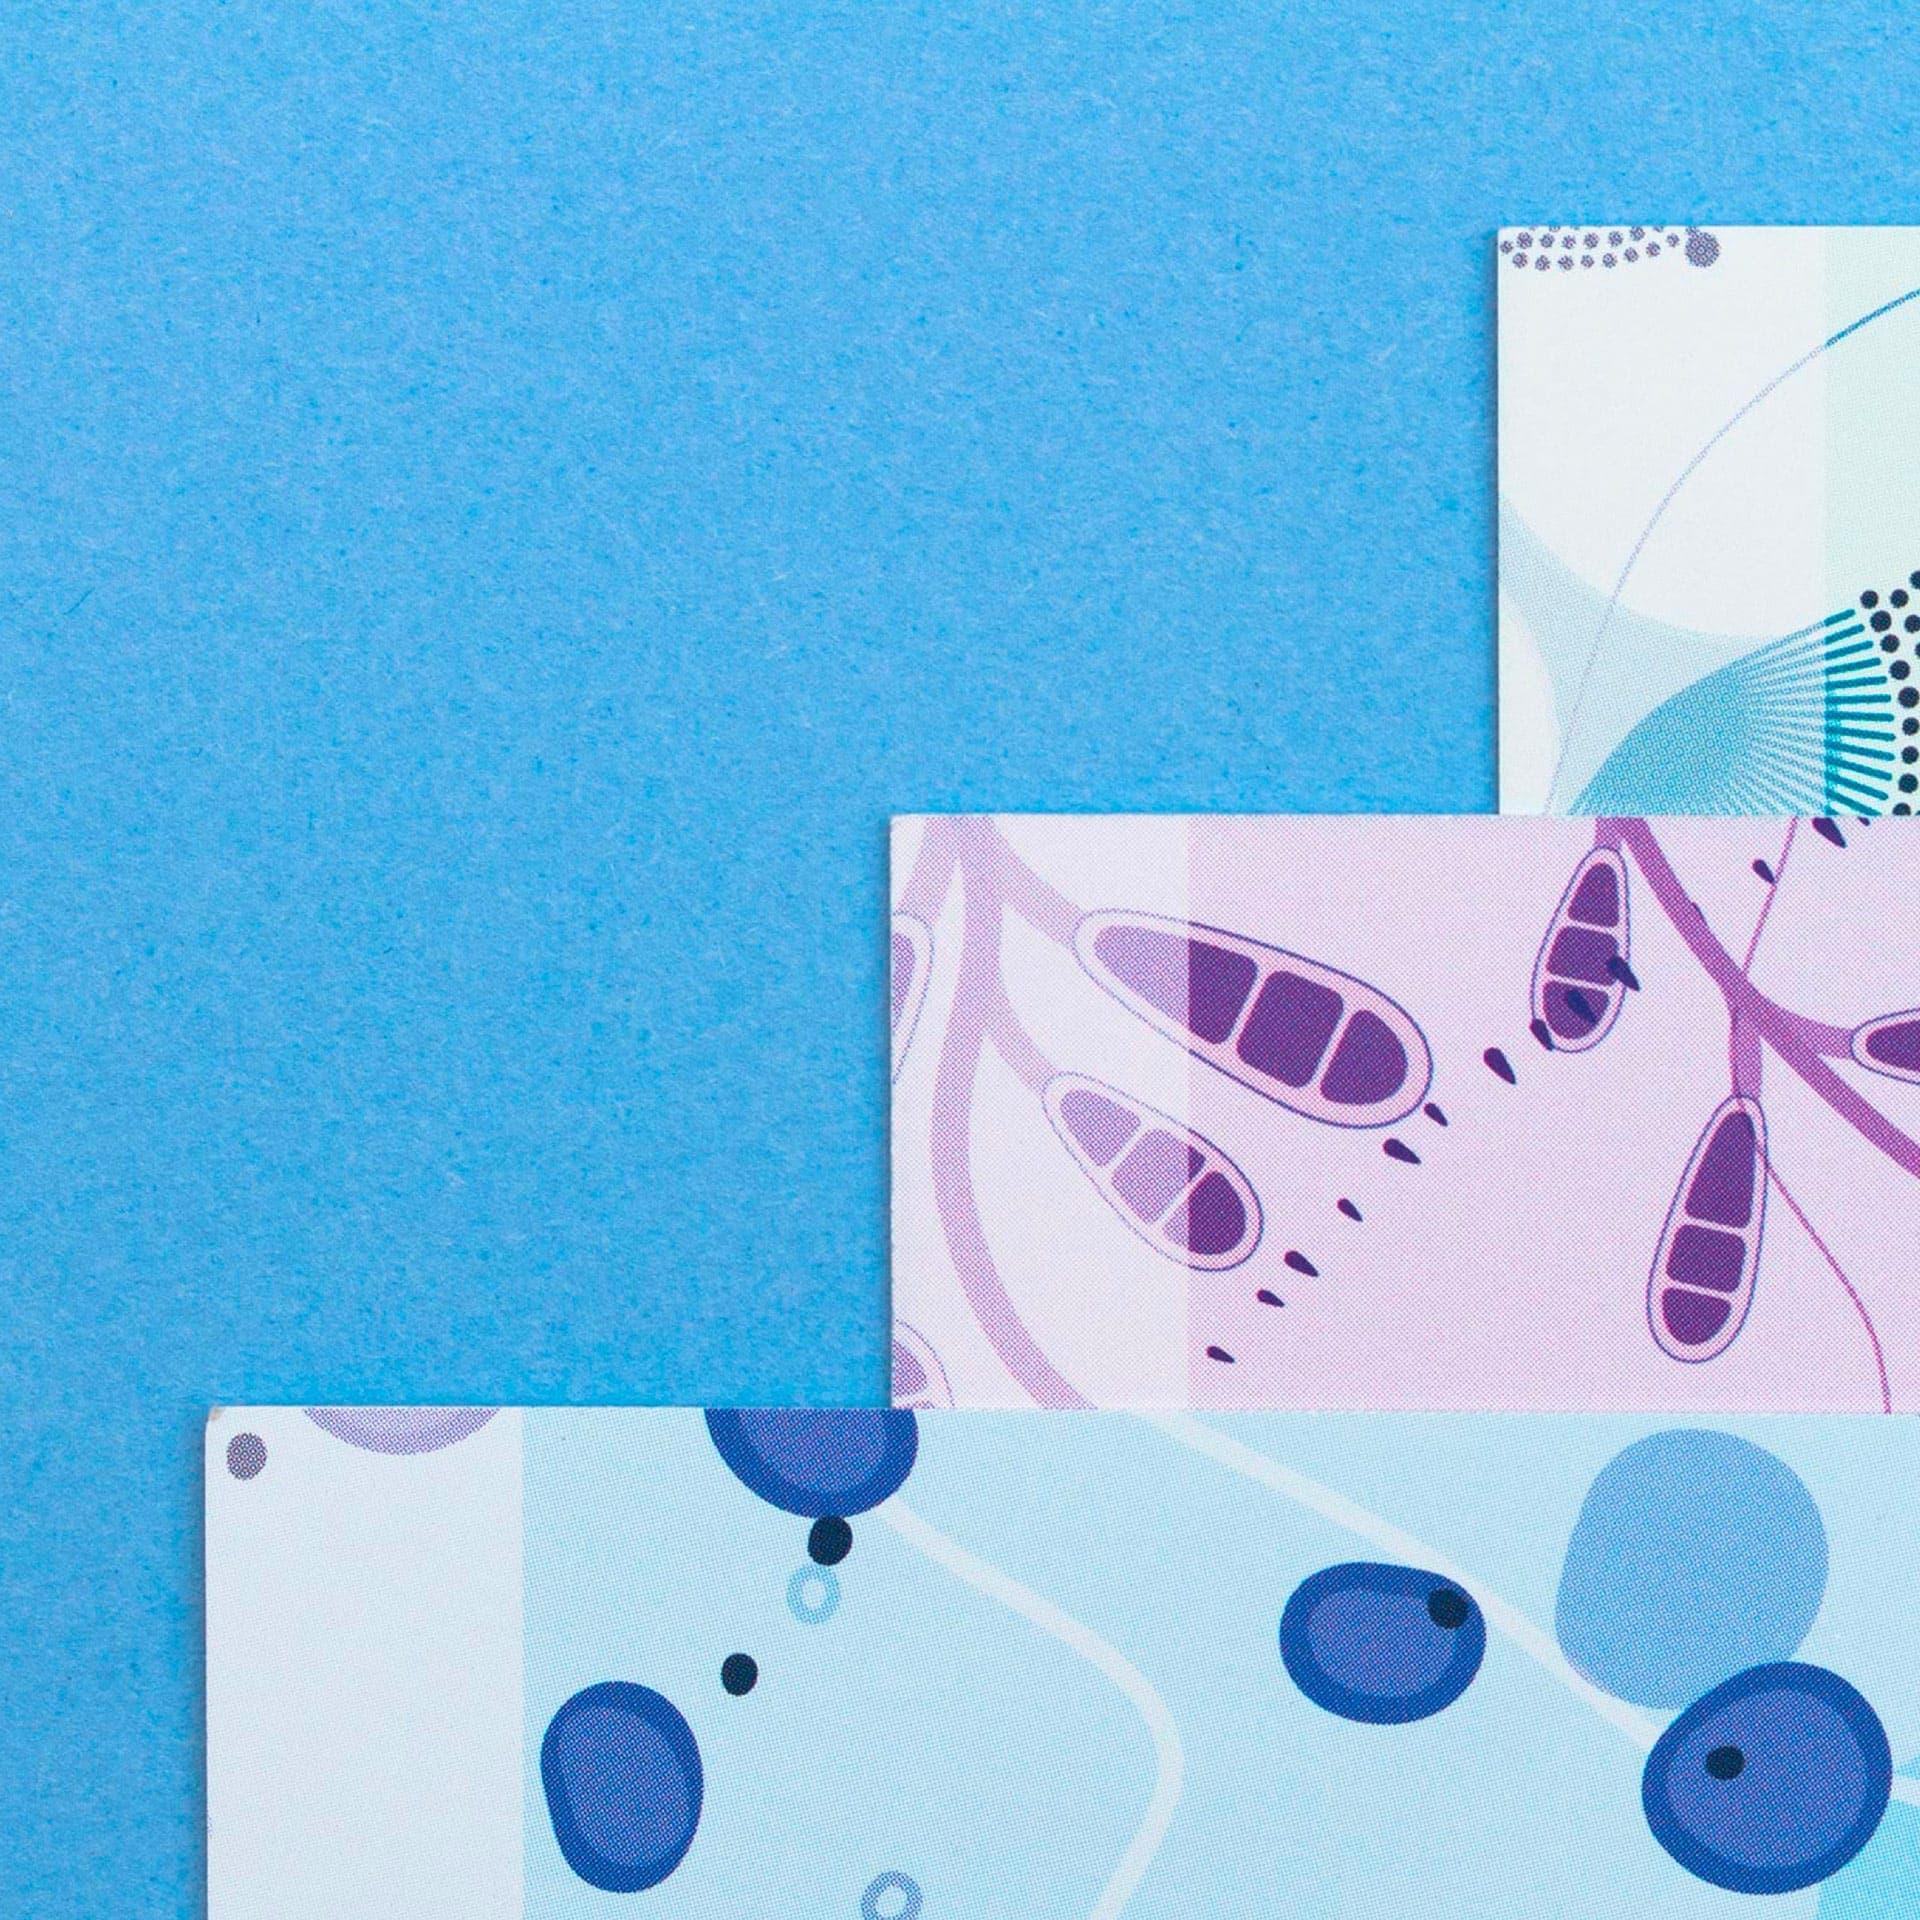 Huisstijlelementen, doosjes, packaging, flyer, leaflet, visitekaartje van Pathonostics ontworpen door Saus. Illustratie van cellen, schimmels en gisten